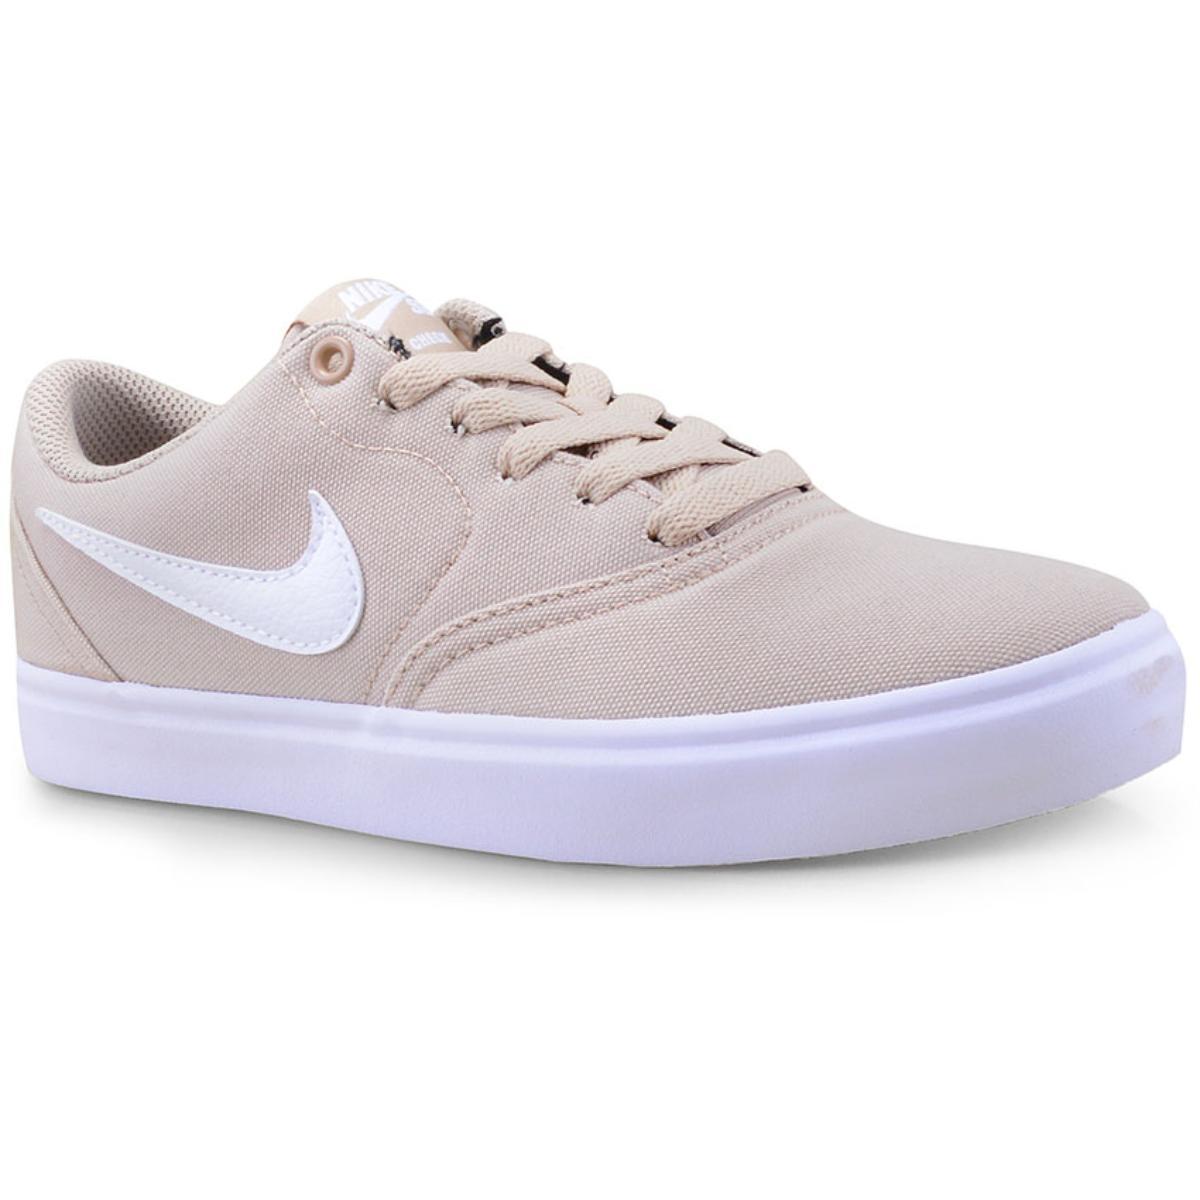 Tênis Feminino Nike 921463-201 sb Check Solar Soft Canvas Bege/branco